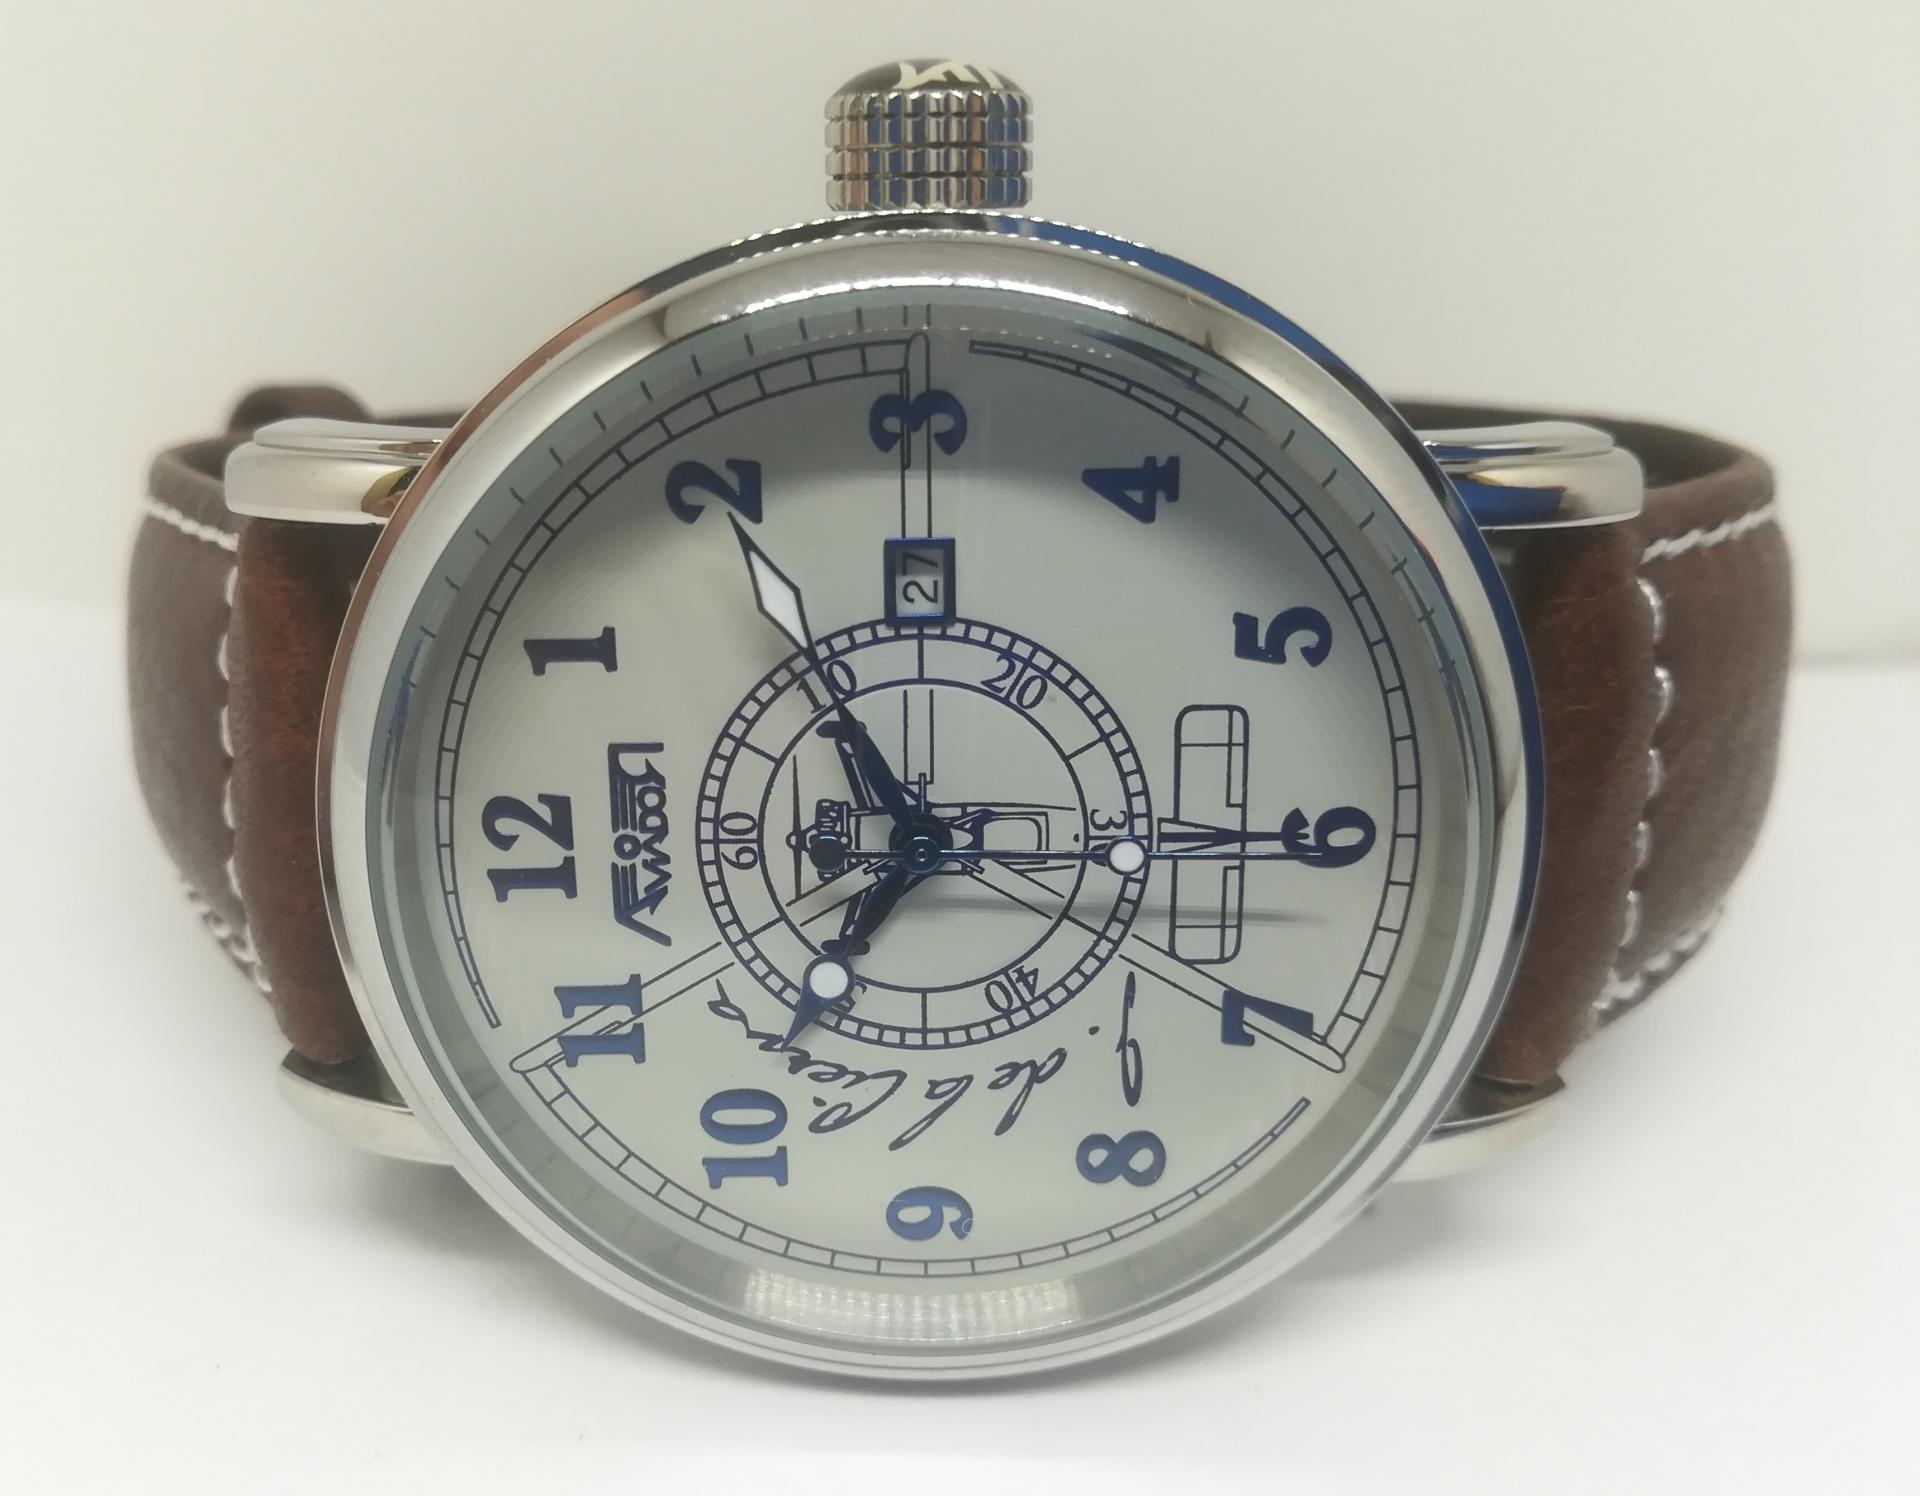 Reloj Aviador Edicion Especial Juan De La Cierva AV-1067-1